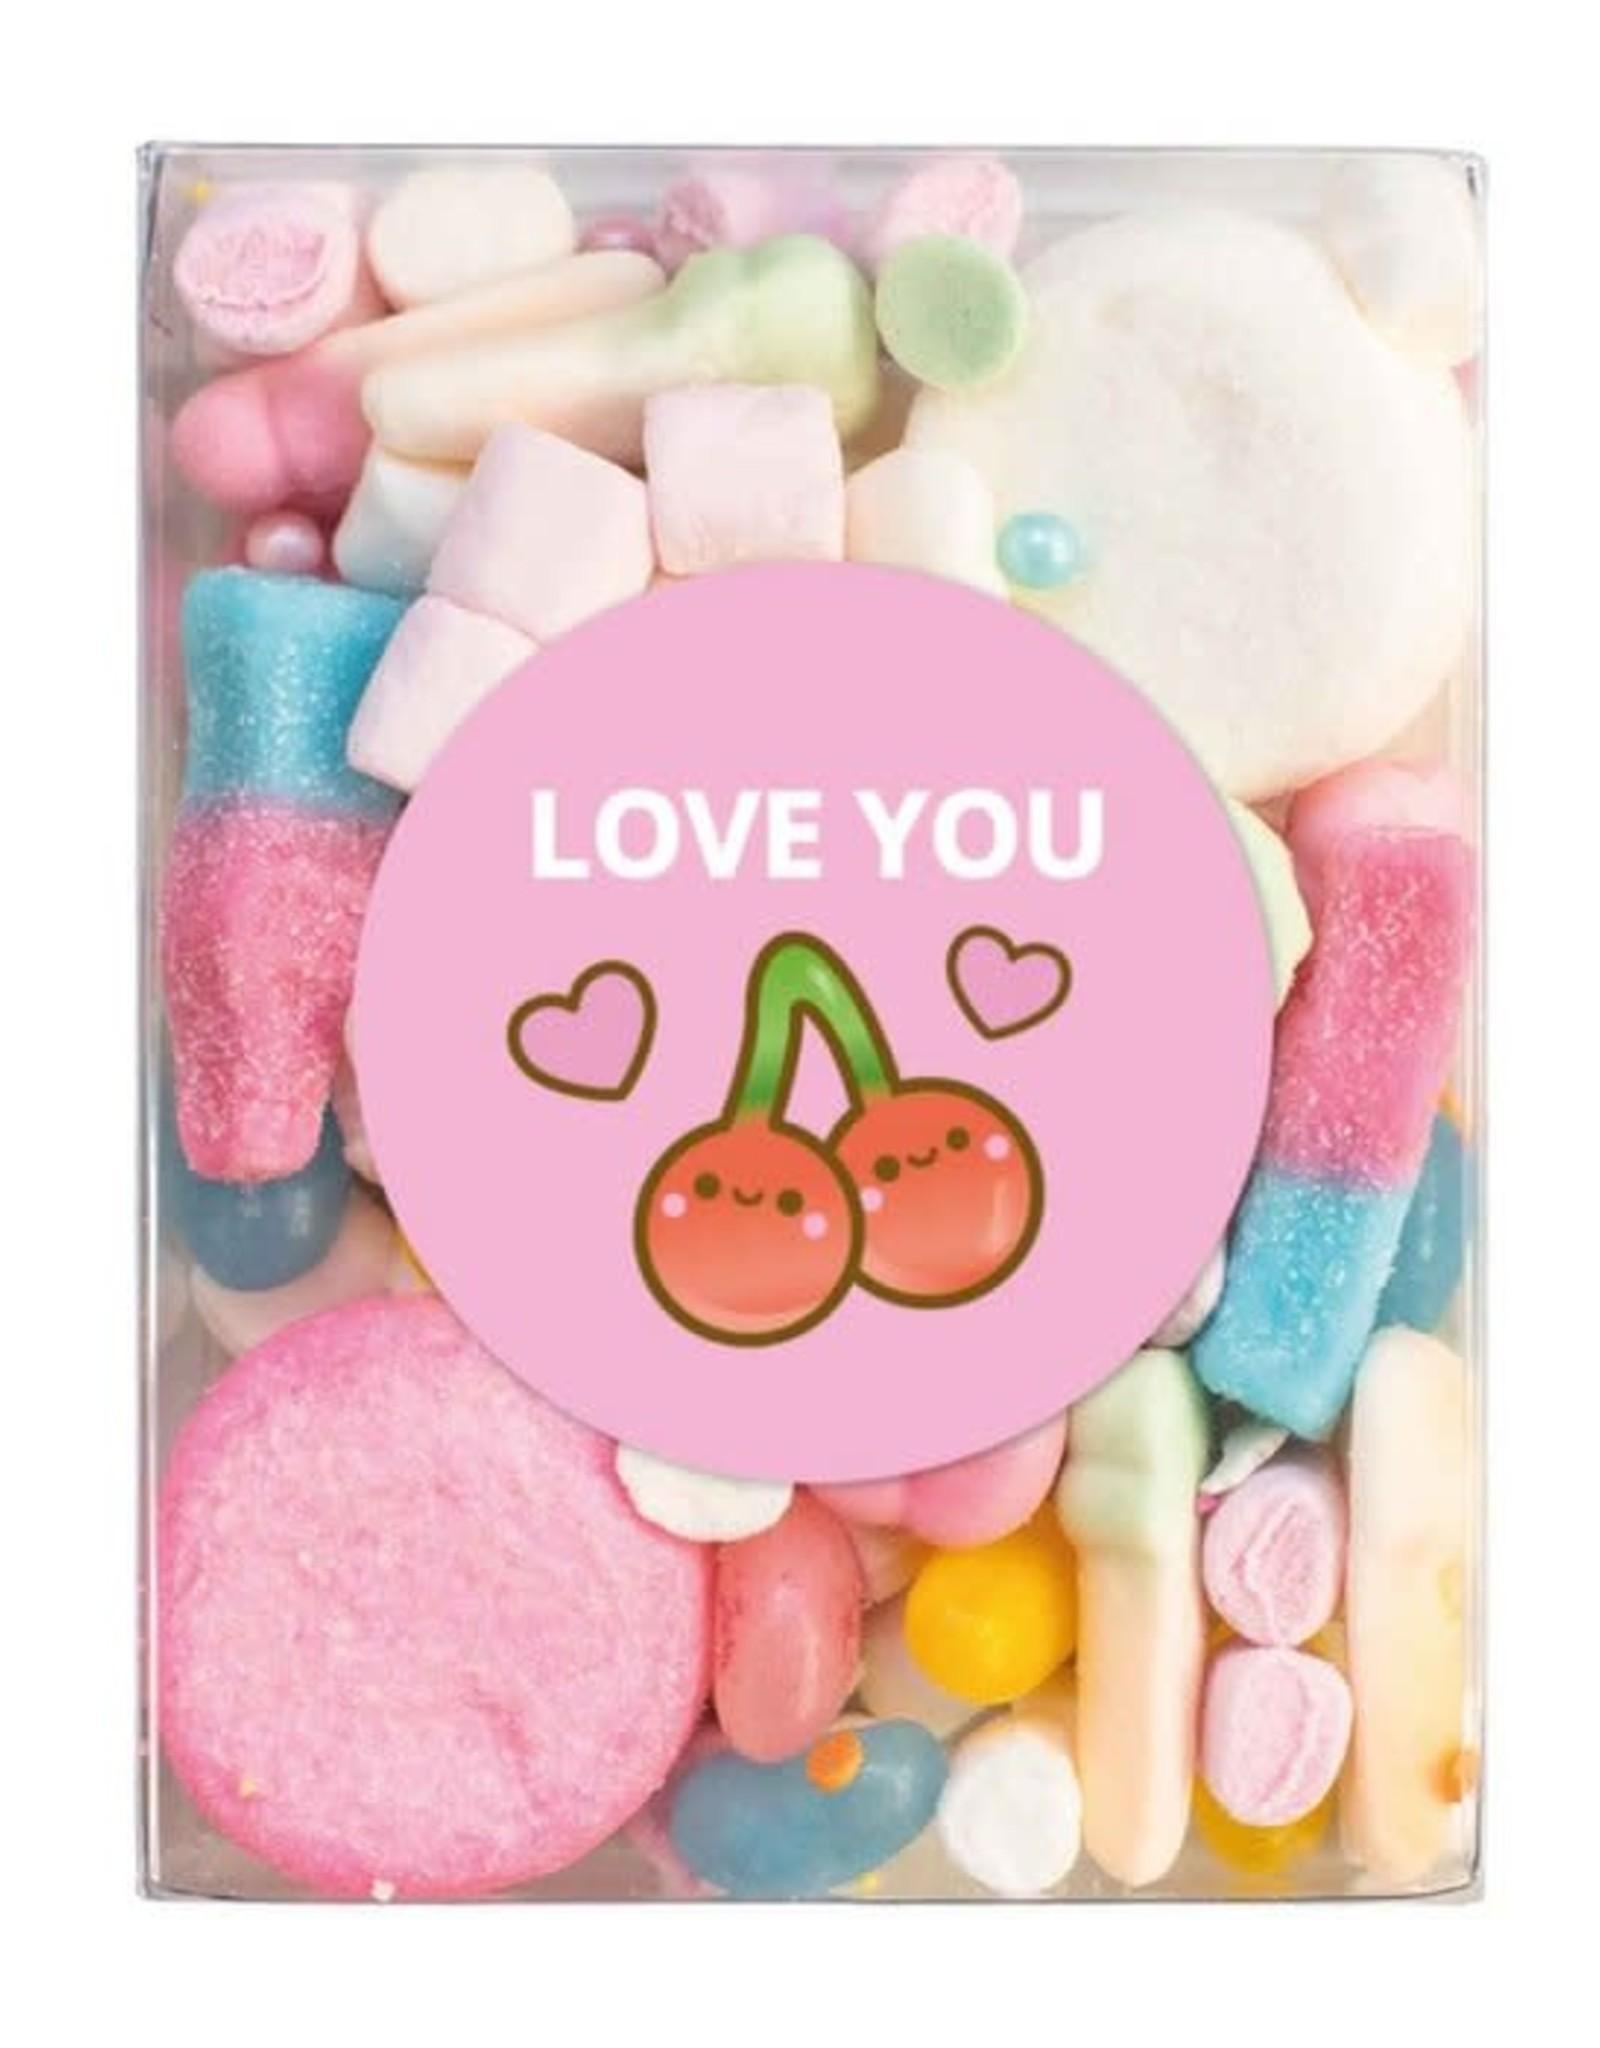 Veel liefs voor jou Veel liefs voor jou: snoepjes Love you